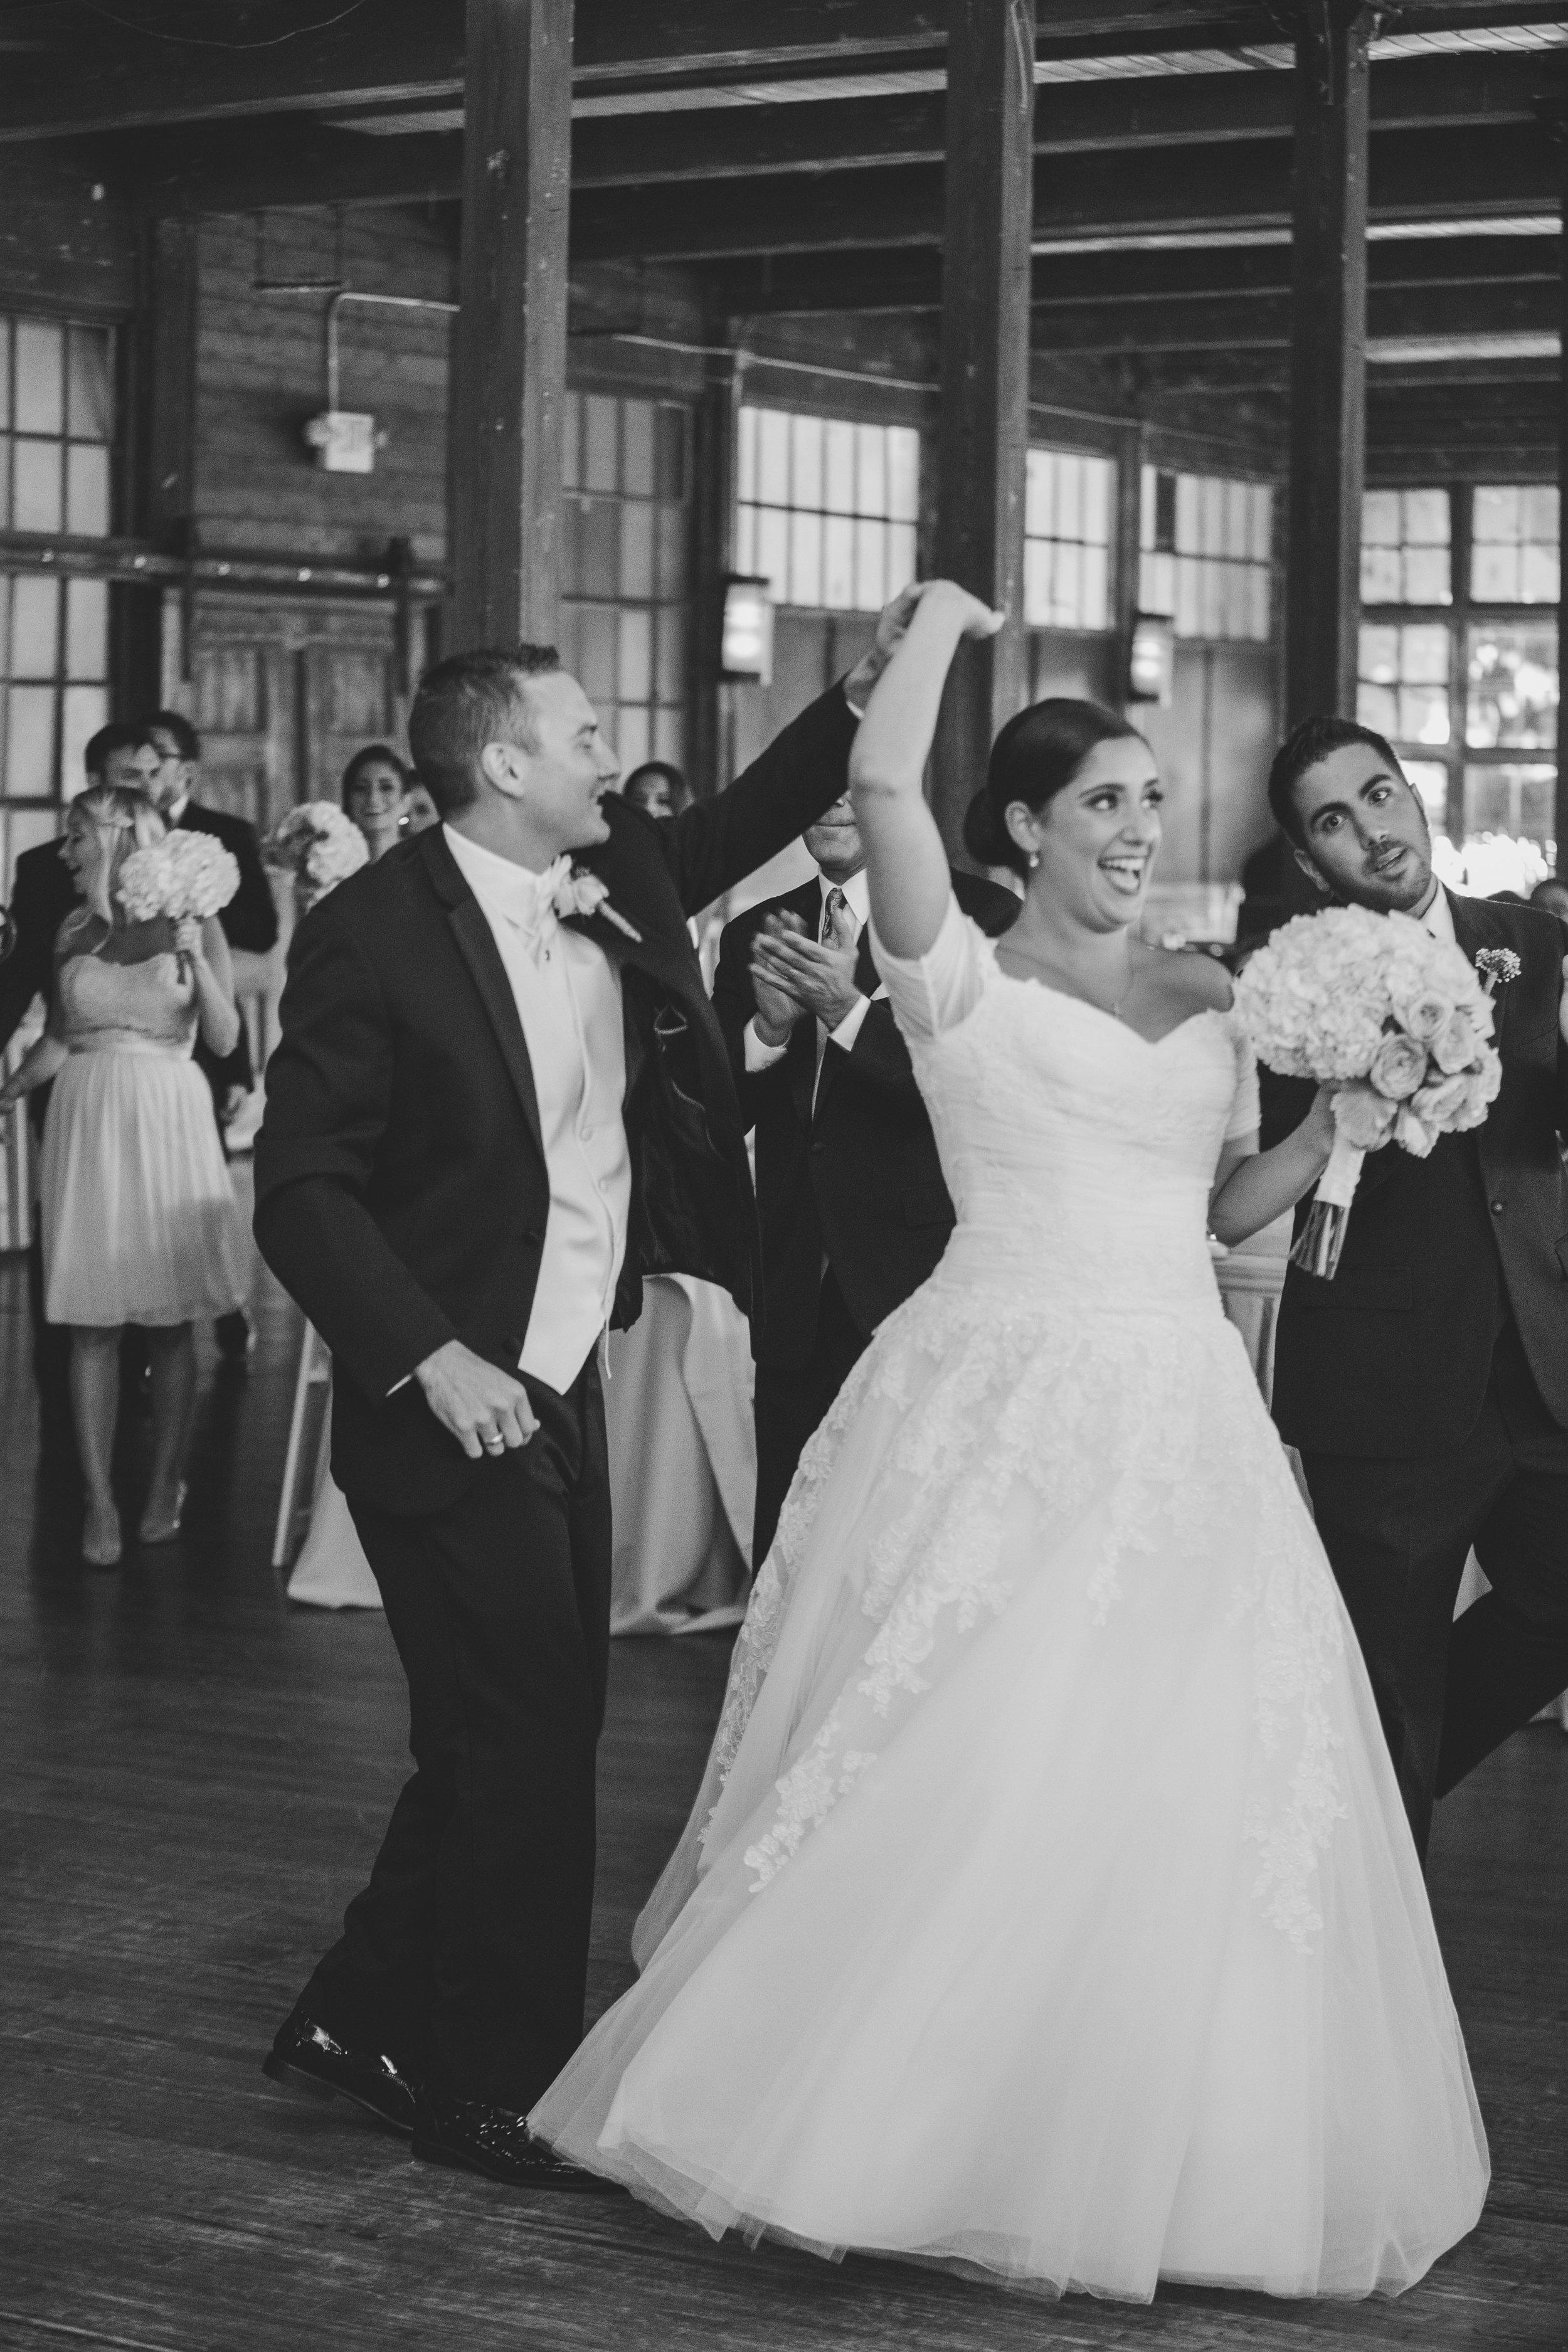 ATGI_Magali & Josh Wedding1__96.jpg